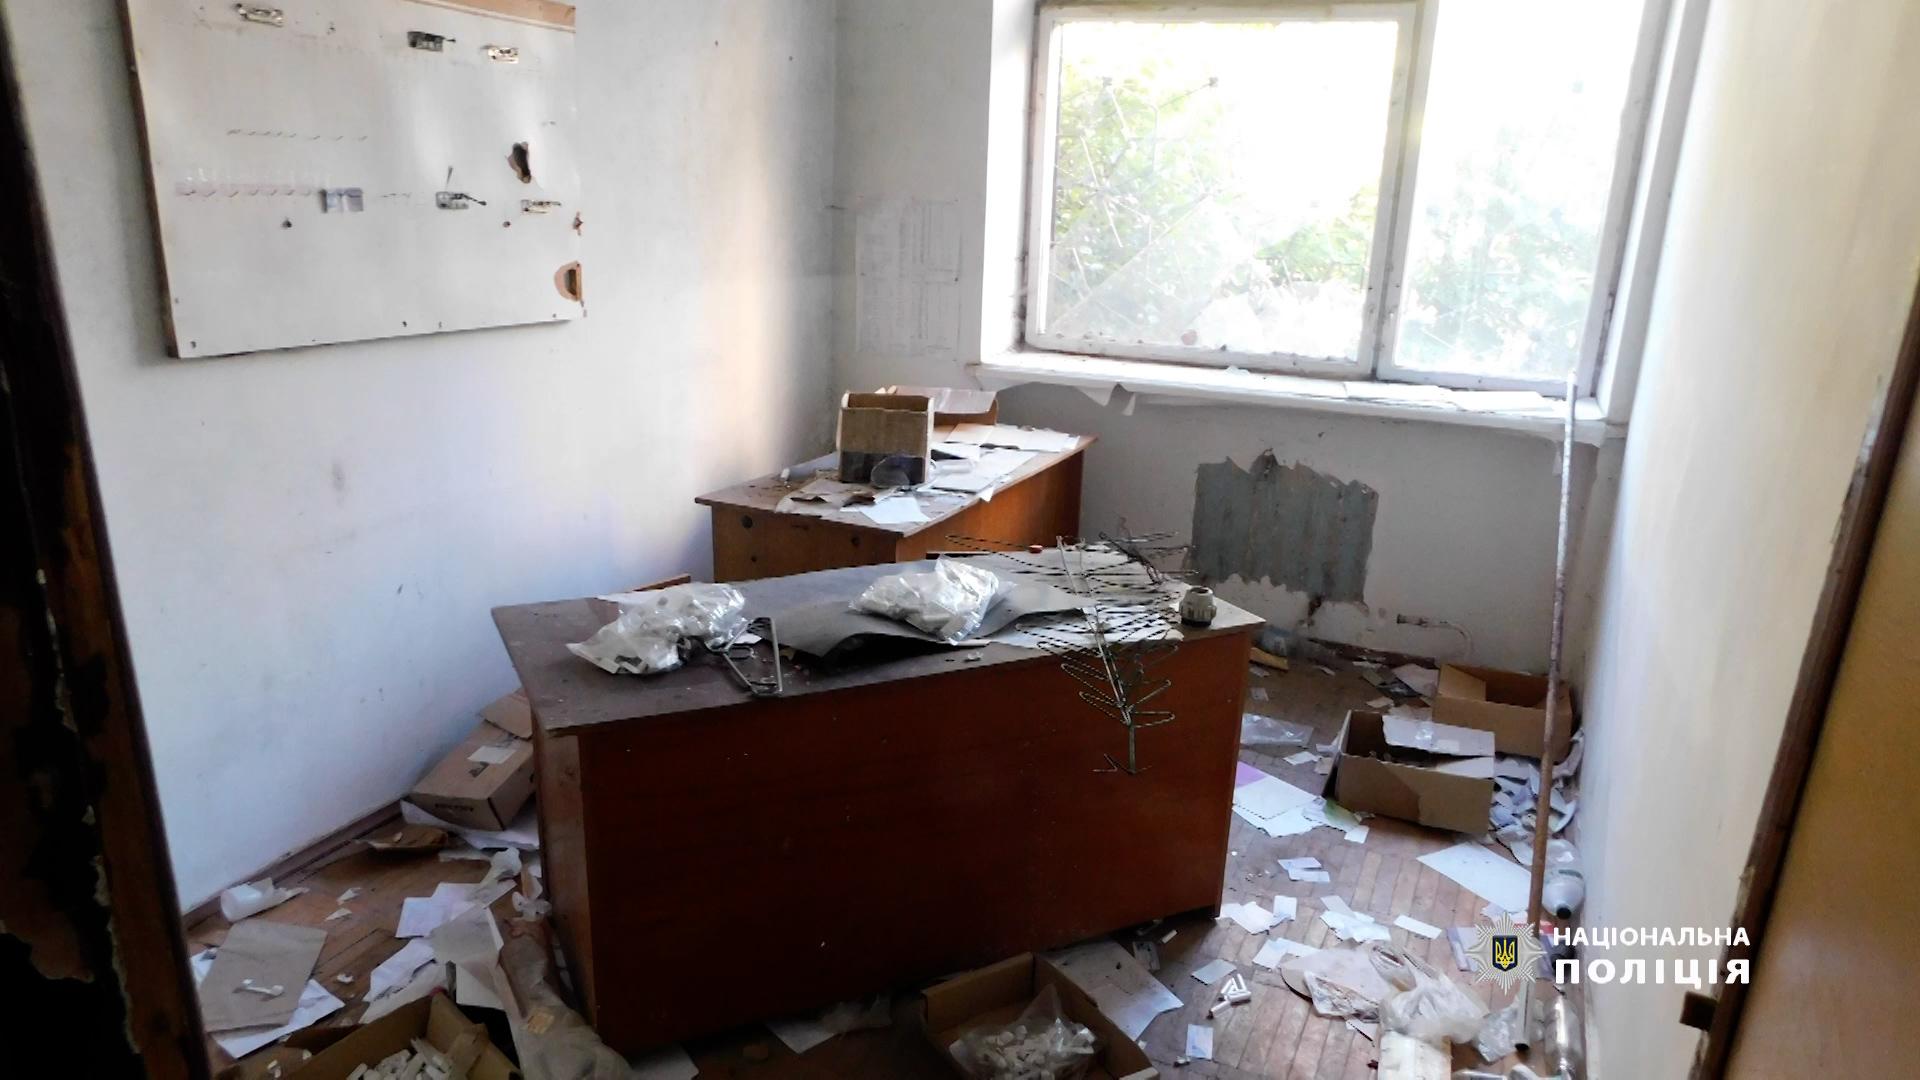 Зловмисників, котрі крали батареї, спіймали поліцейські Тернопільщини